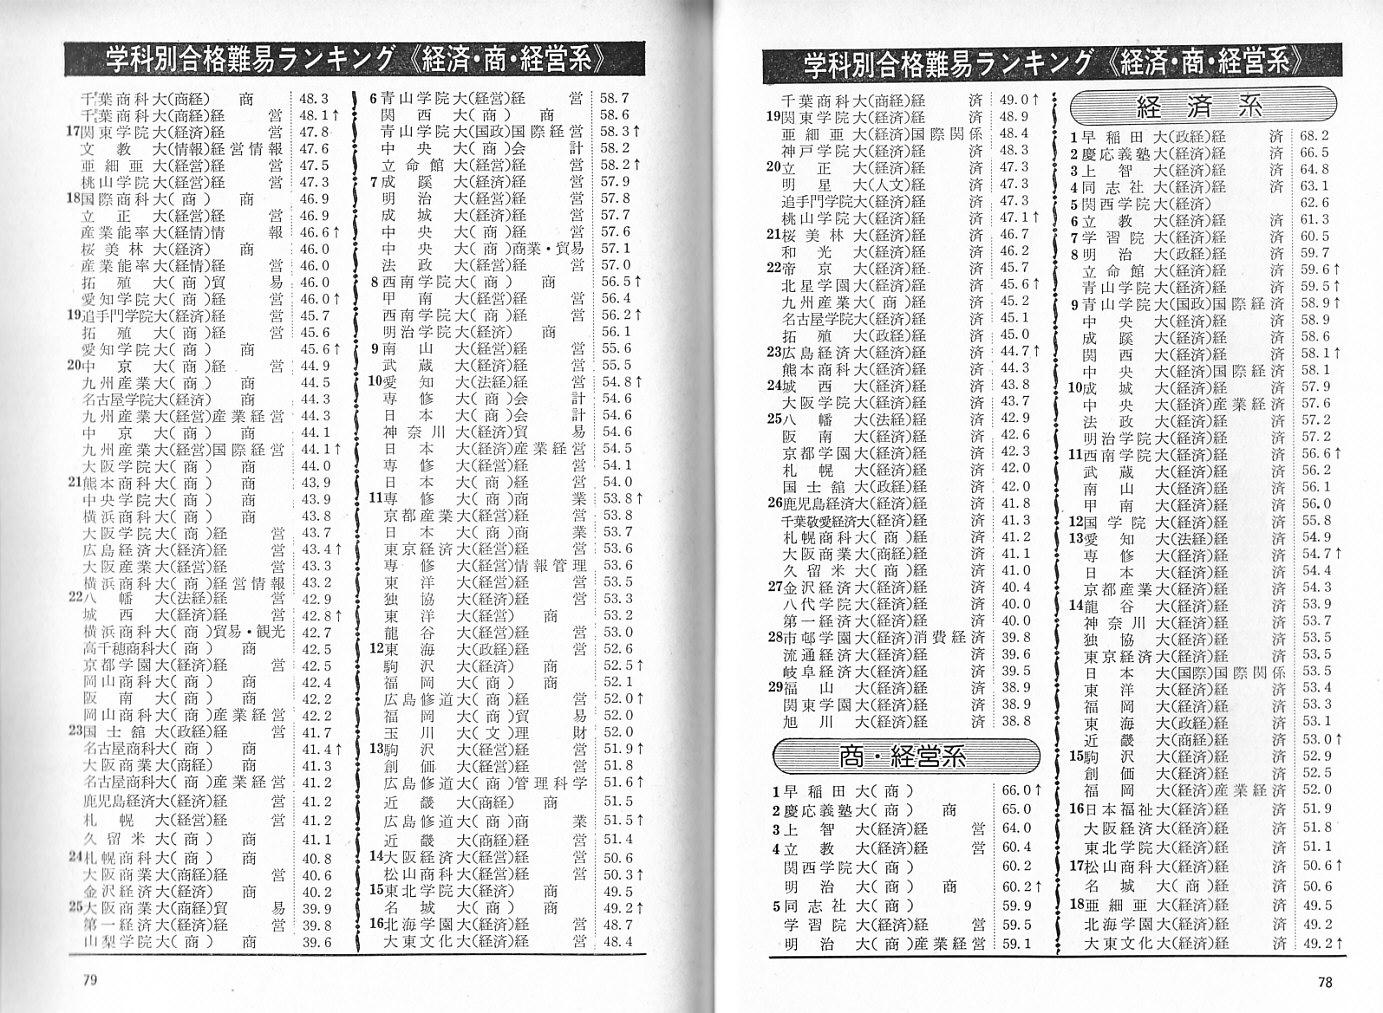 入試情報|成蹊大学 - SEIKEI